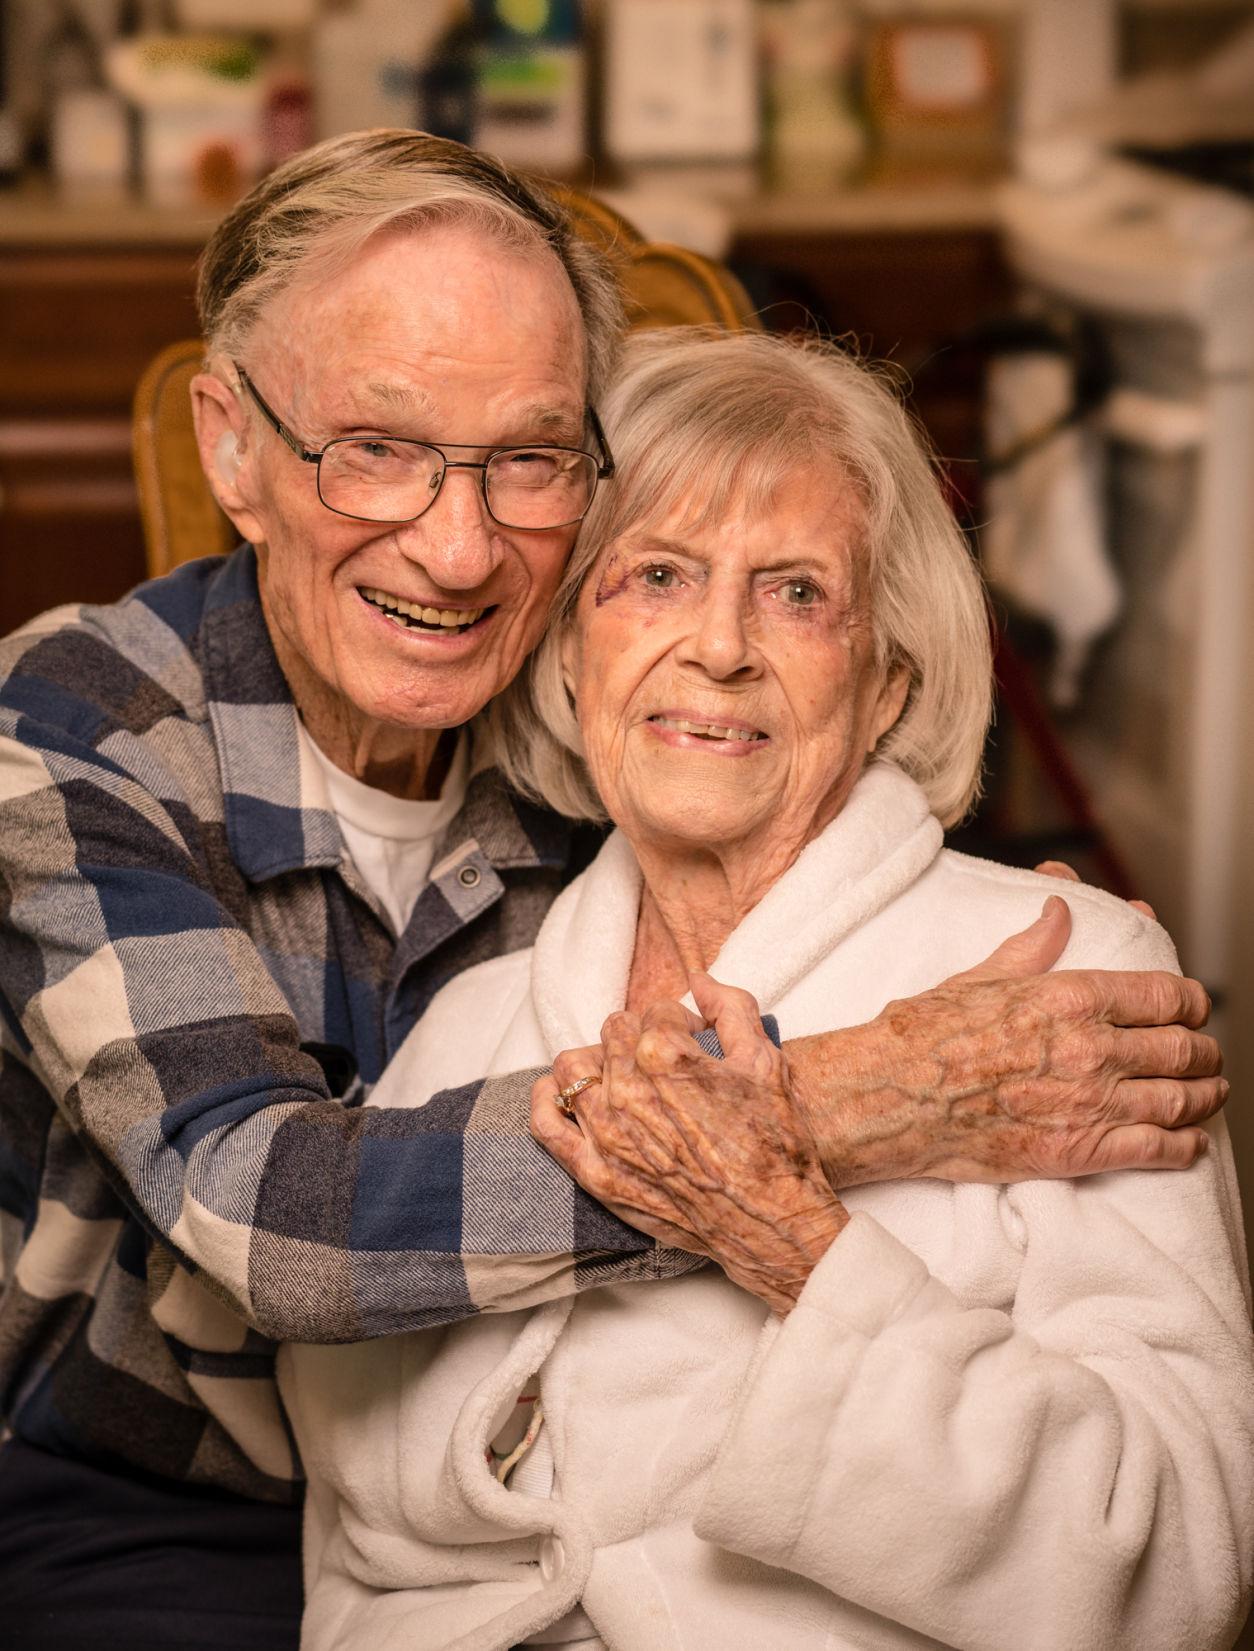 Bakersfield Senior dating